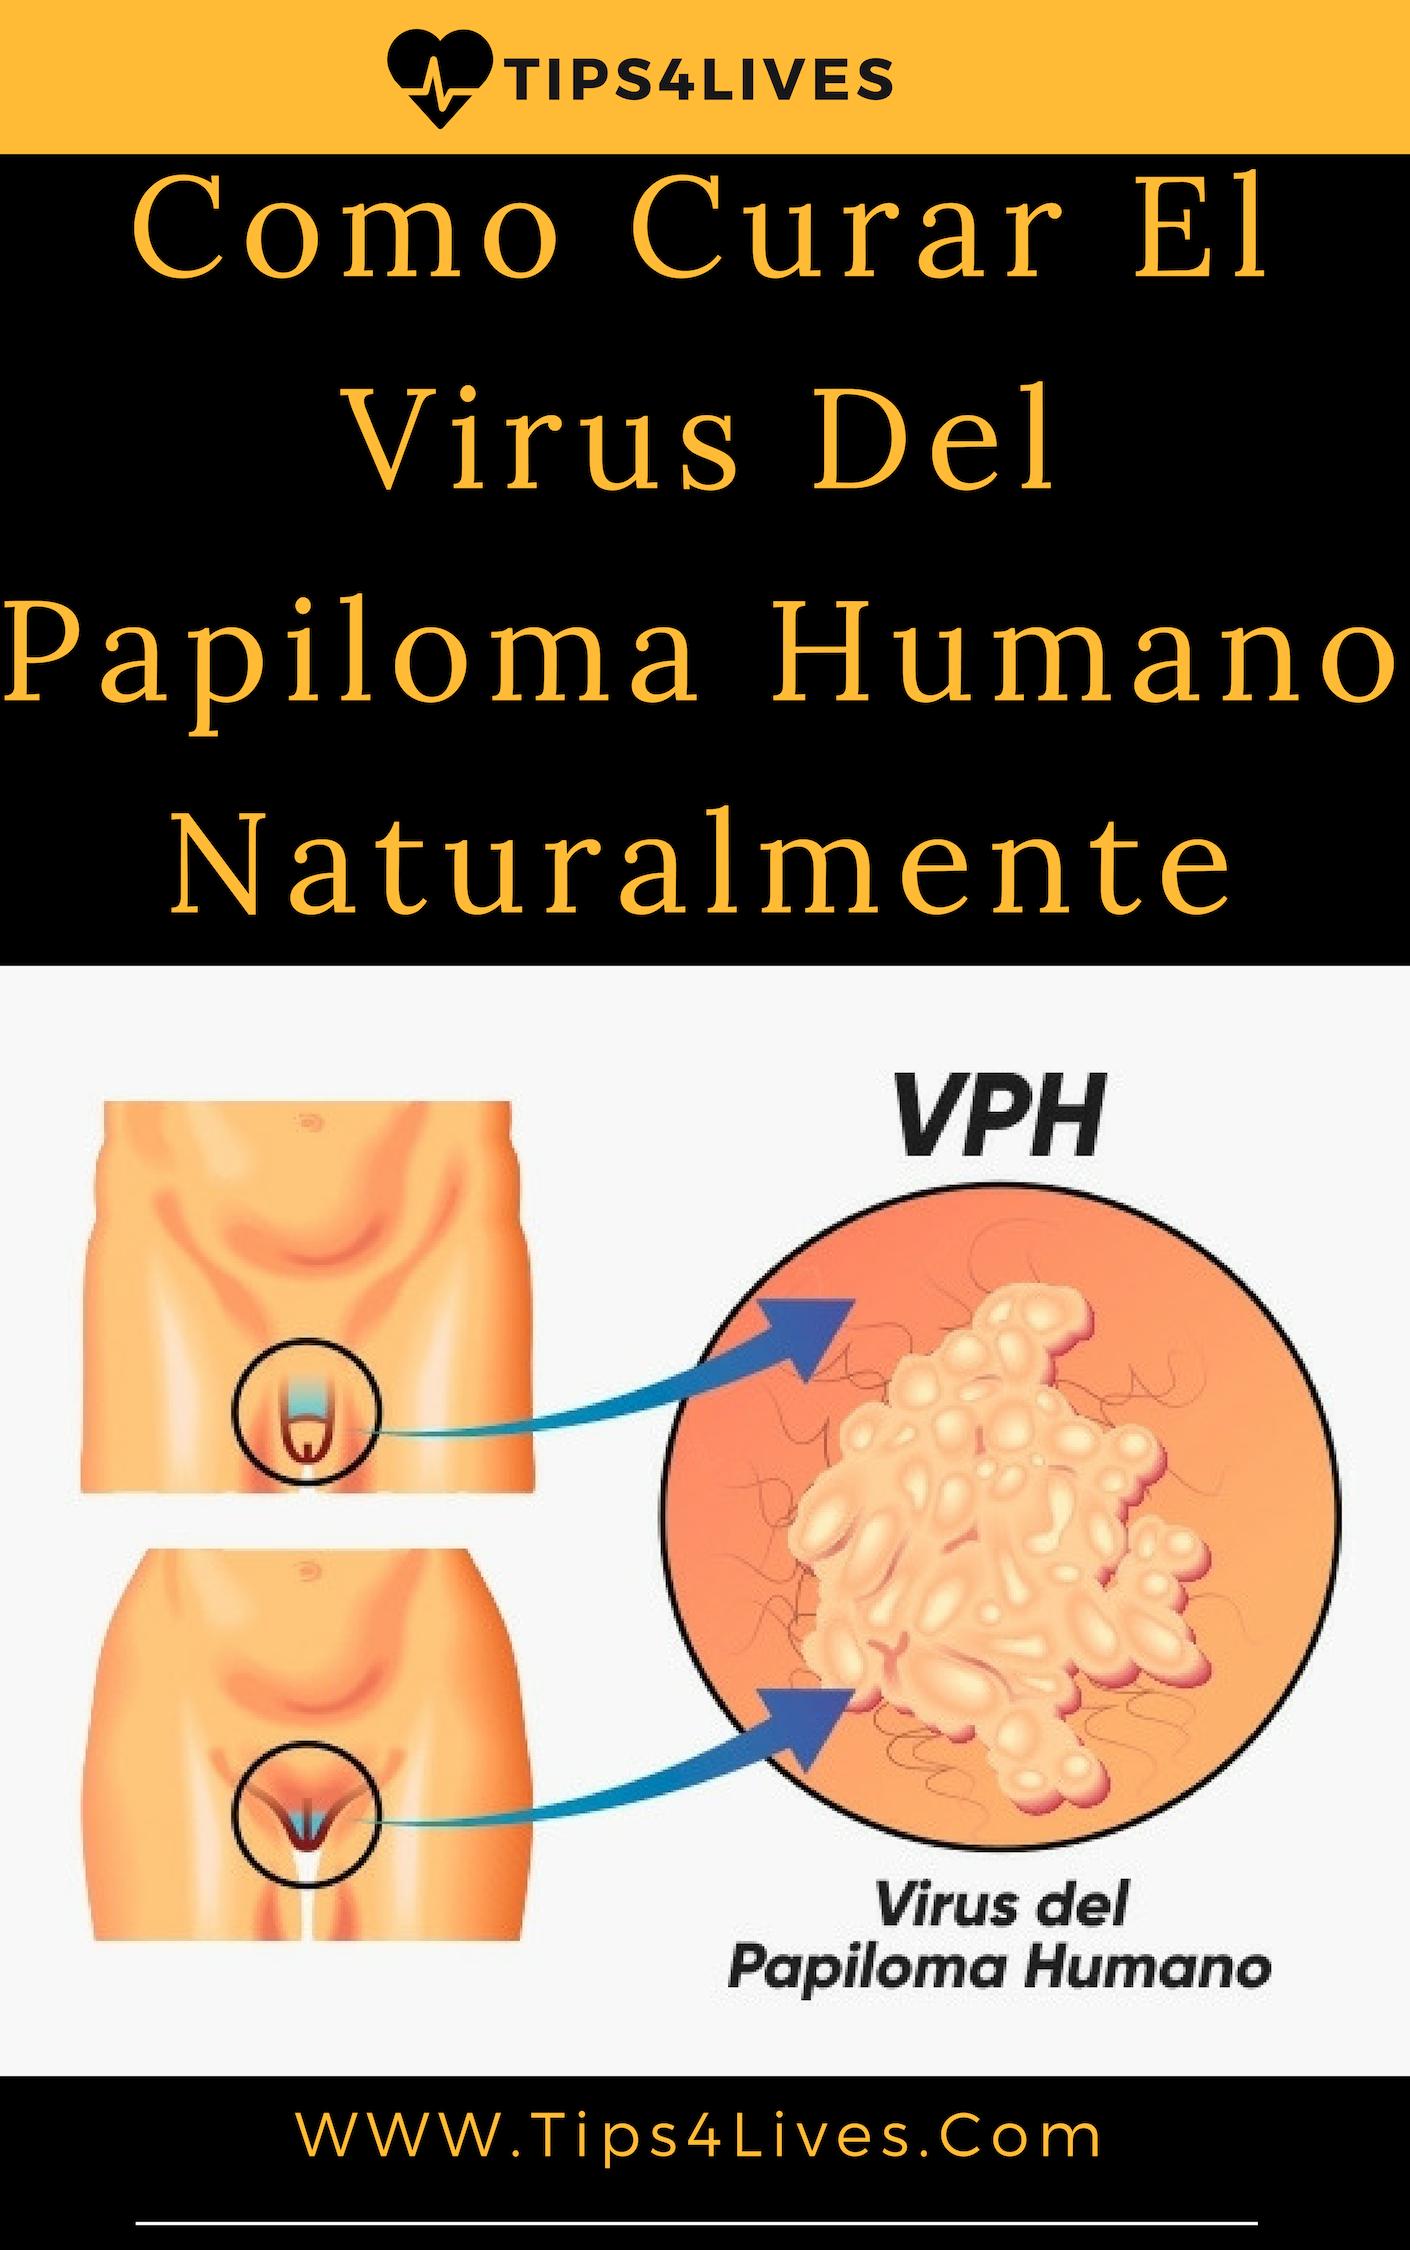 virus del papiloma humano signos y sintomas